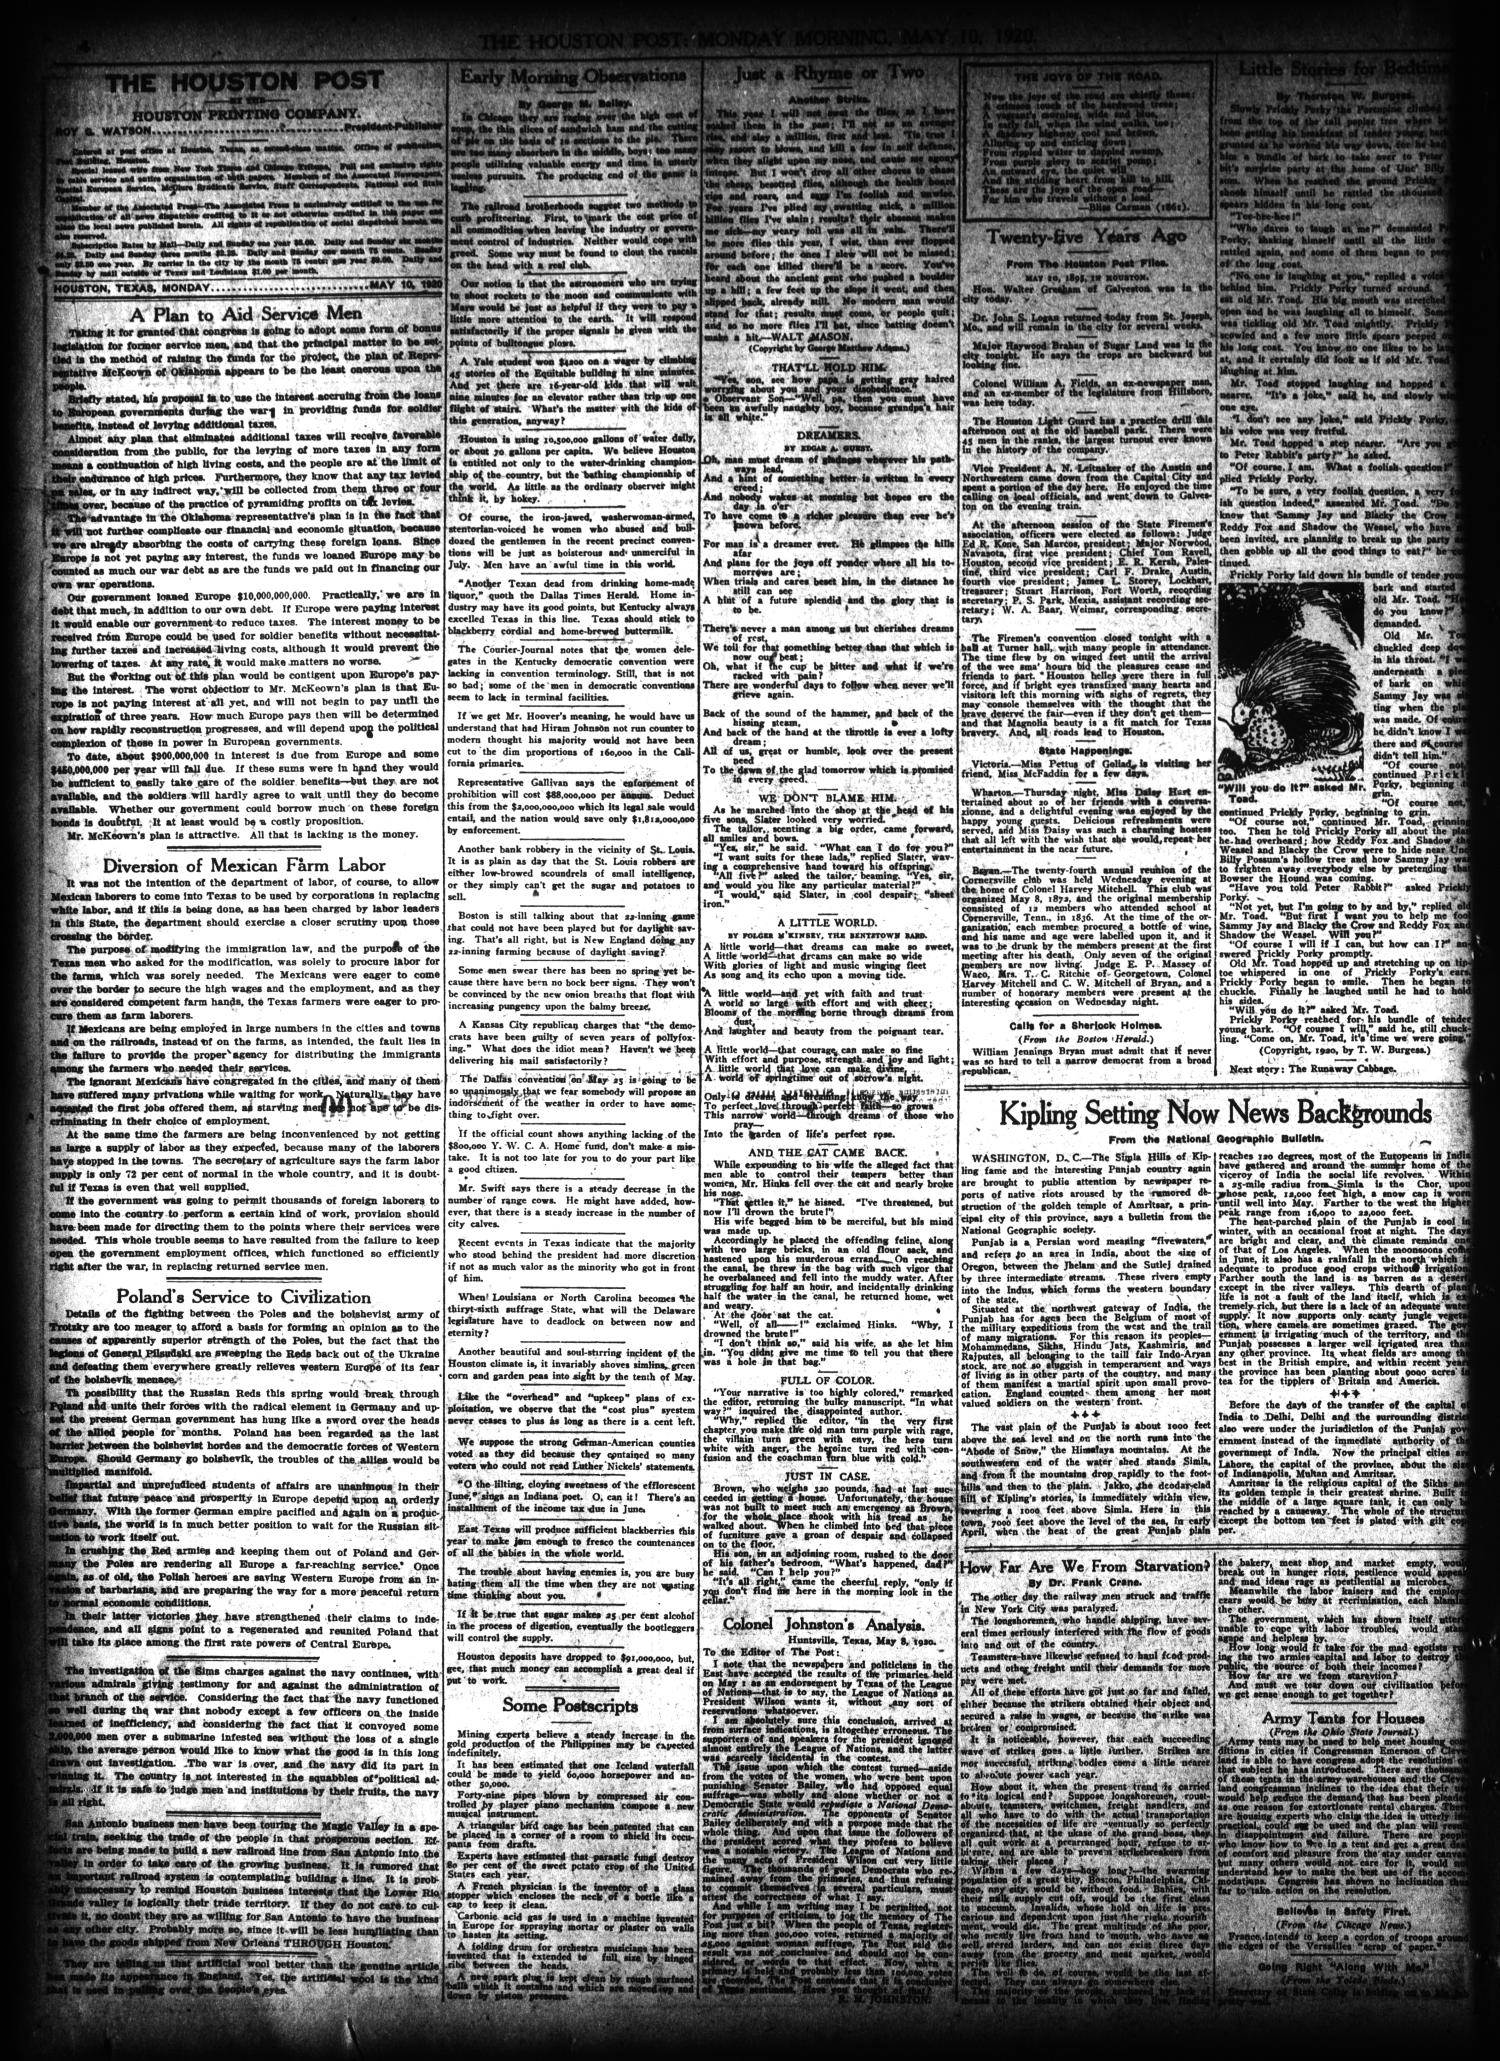 The Houston Post  (Houston, Tex ), Vol  30, No  37, Ed  1